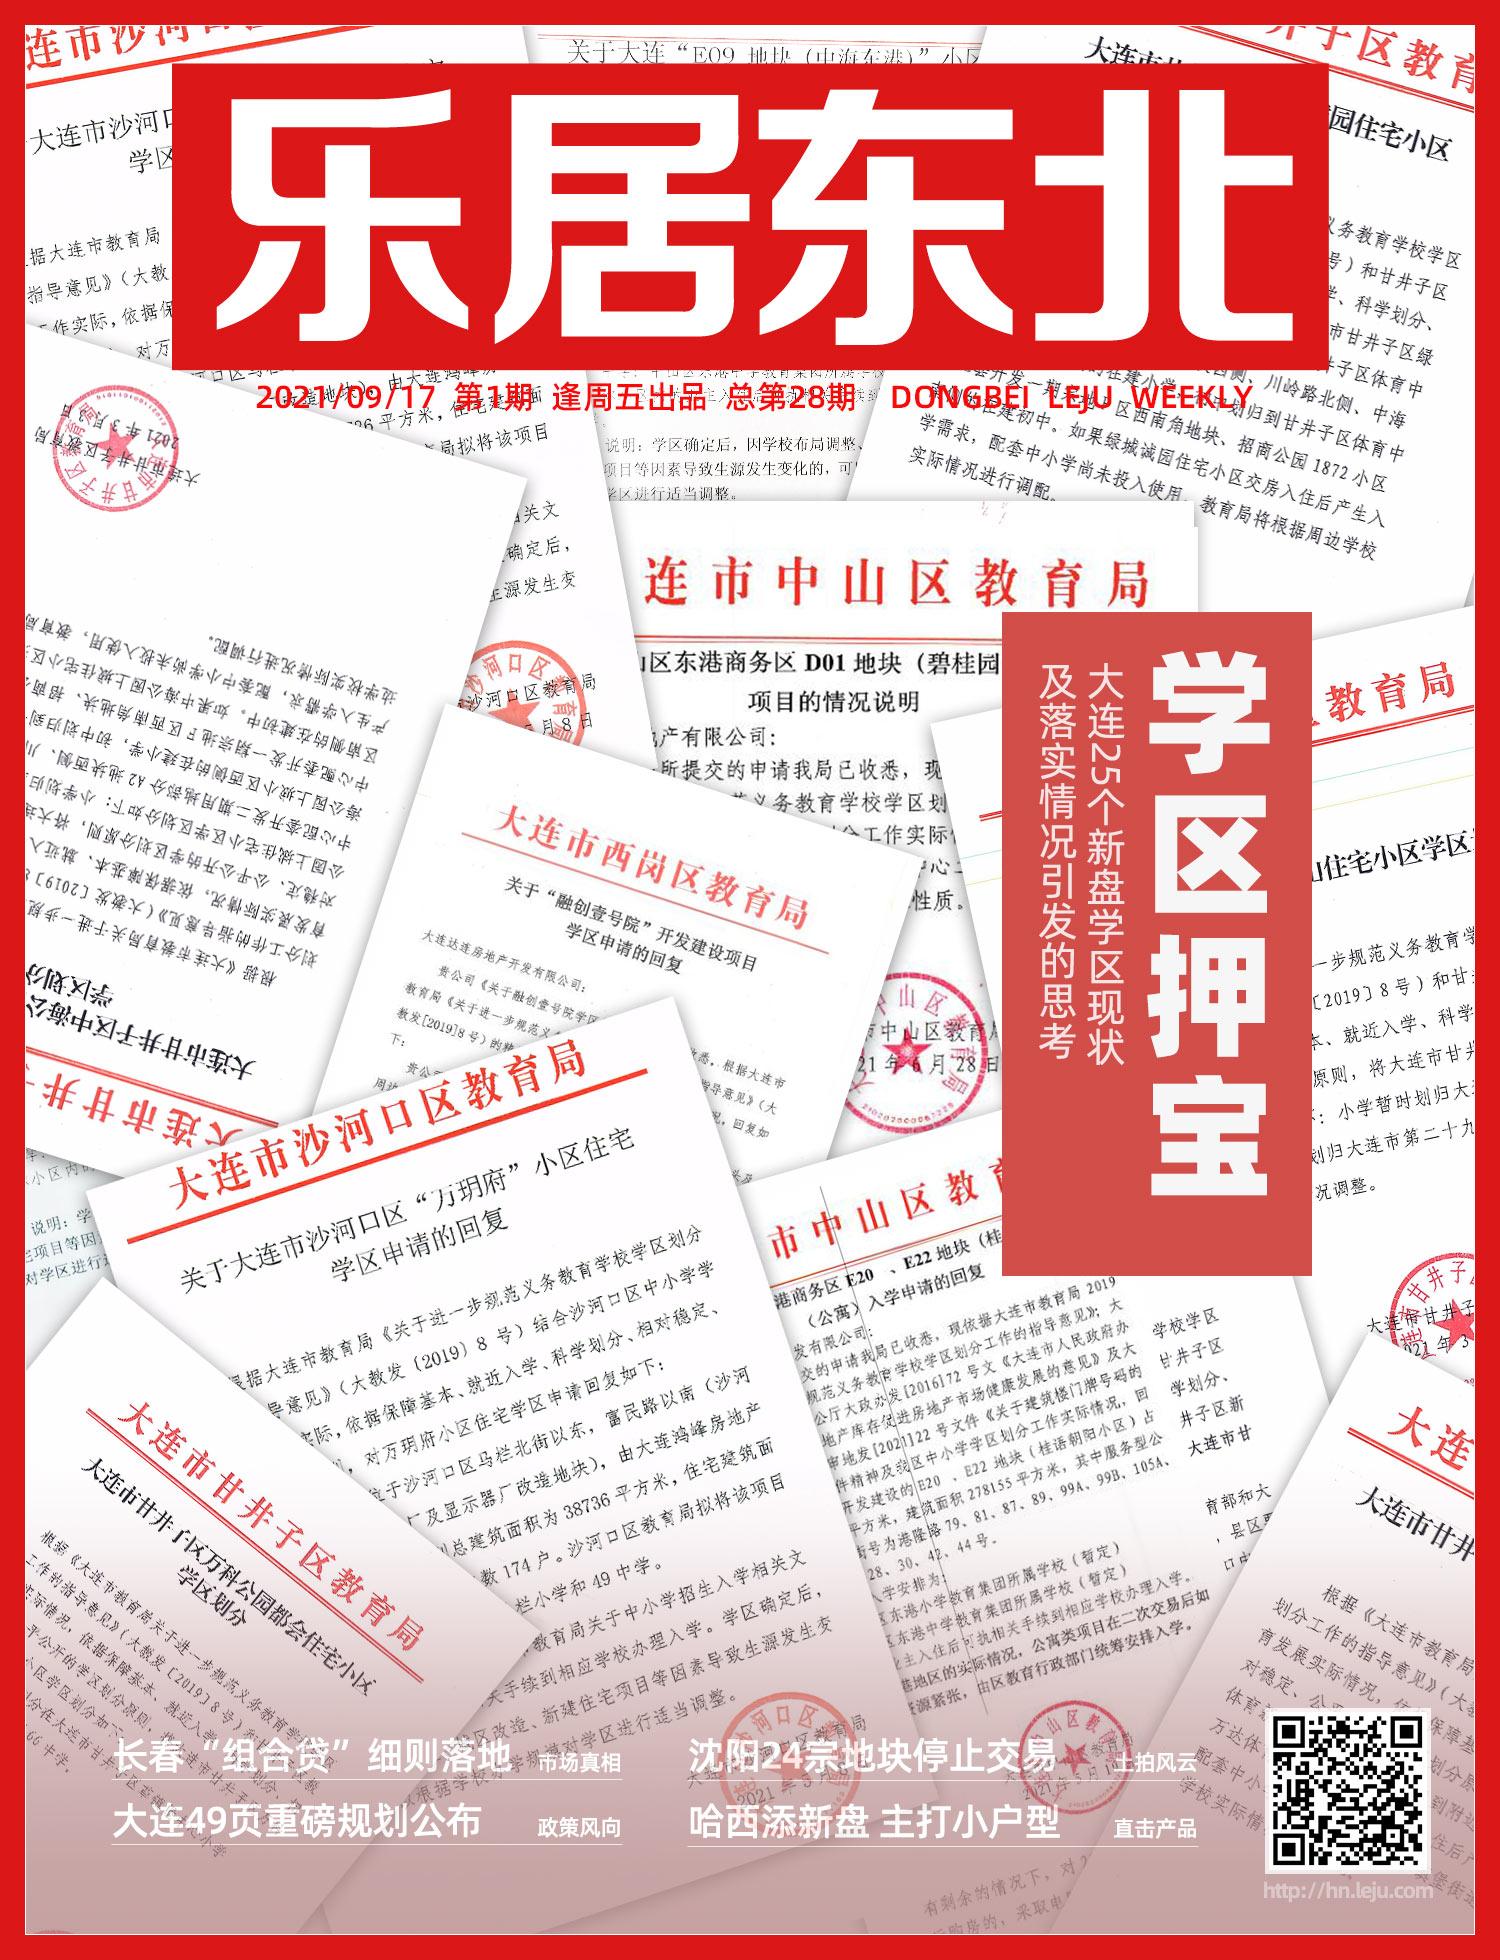 《乐居东北》周刊(第1期)